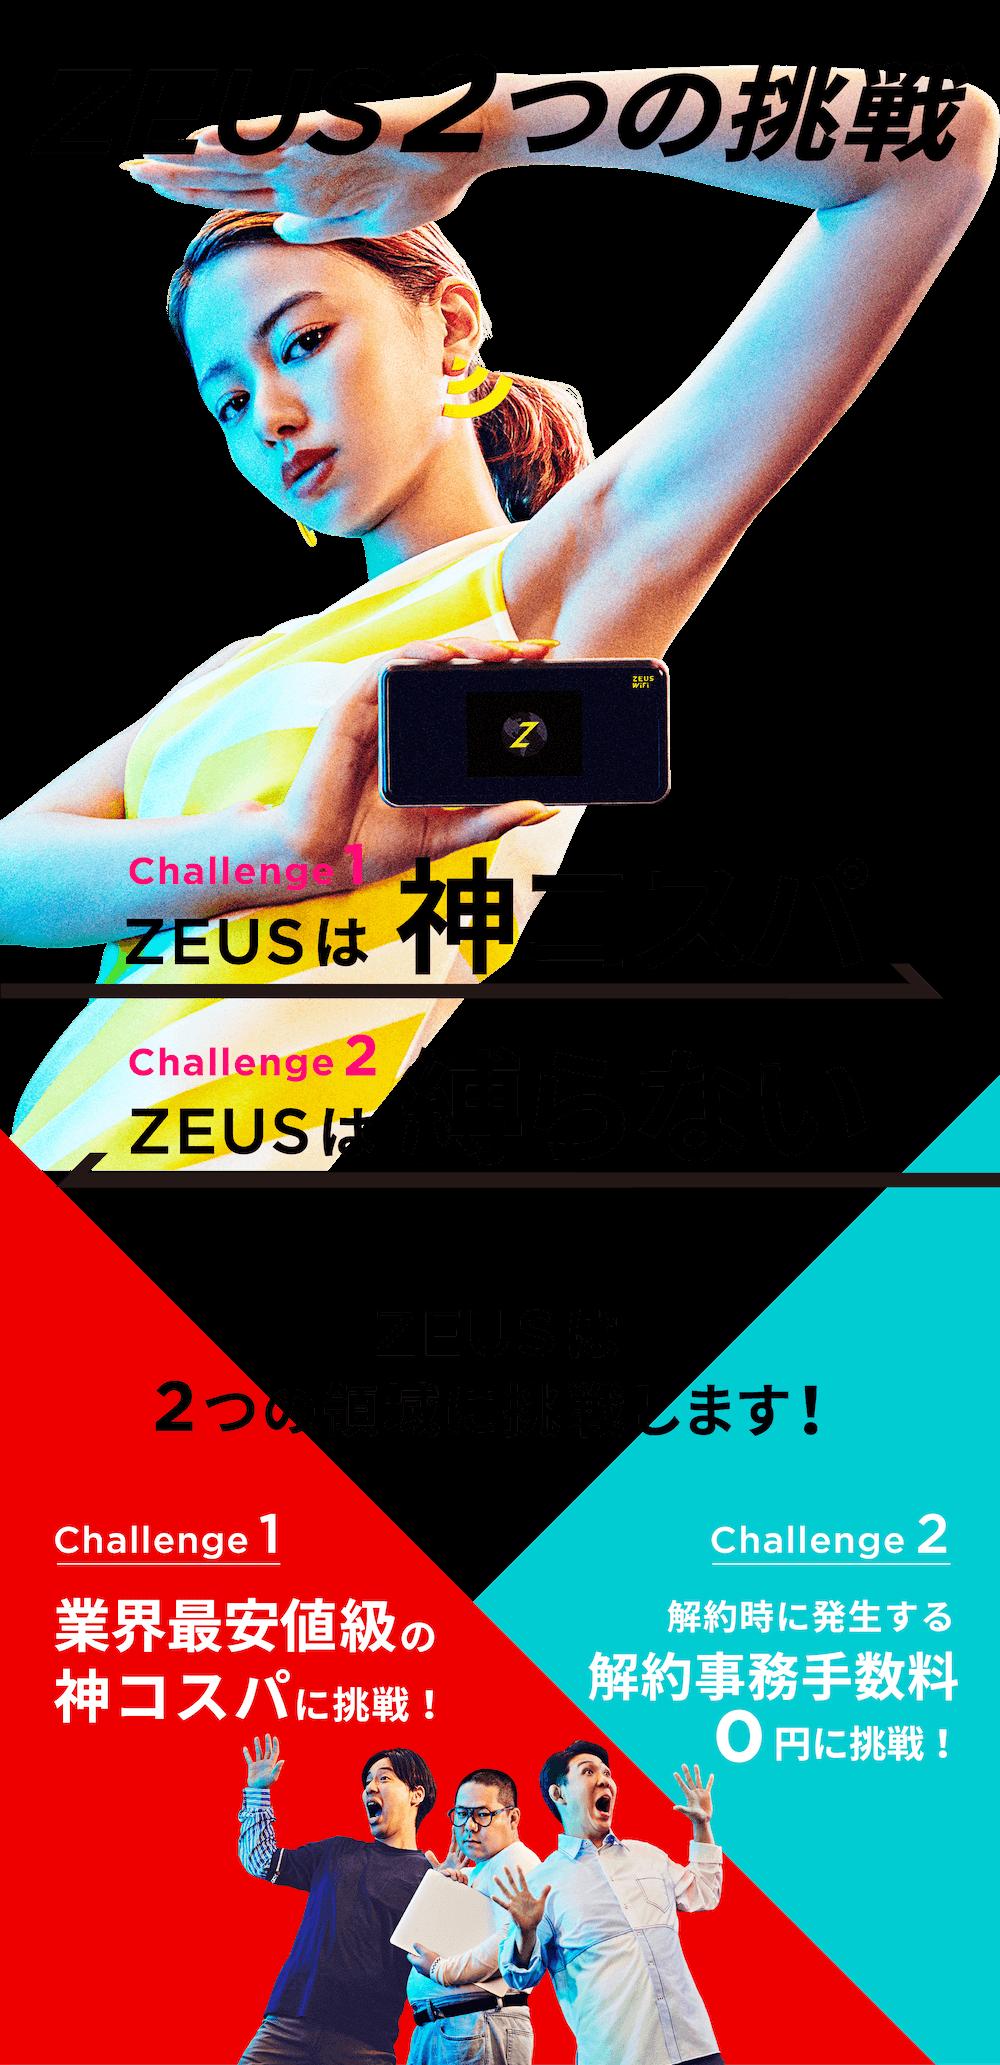 2つの挑戦!大容量プランが格安のモバイルWiFi 100GBが月額2,980円(税抜)~期間限定キャンペーン実施中!!